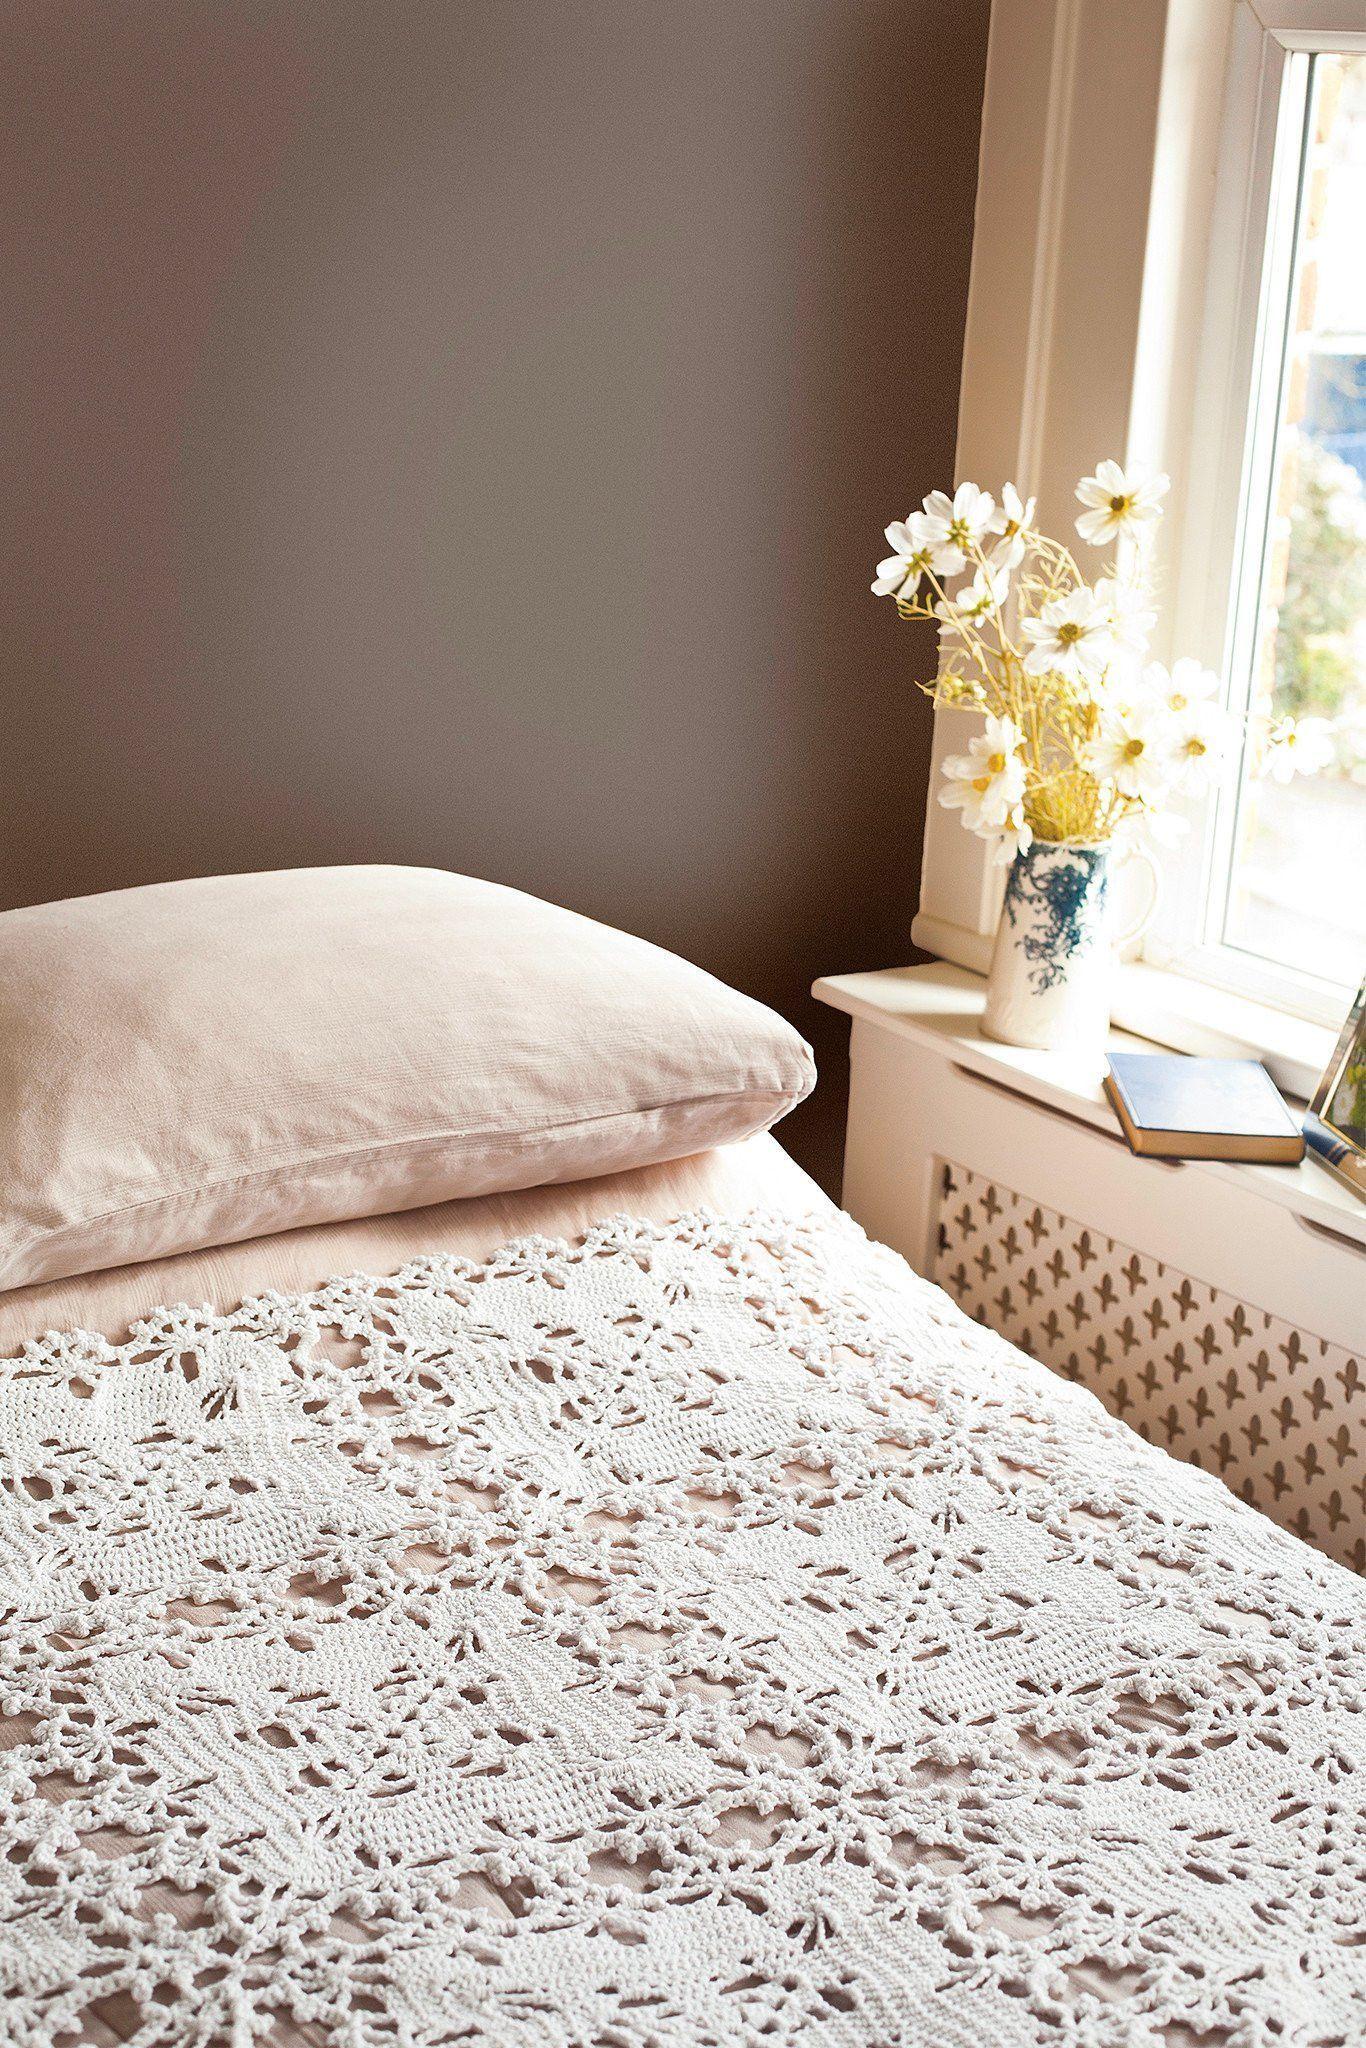 Bedspread Vintage Crochet Pattern The Knitting Network